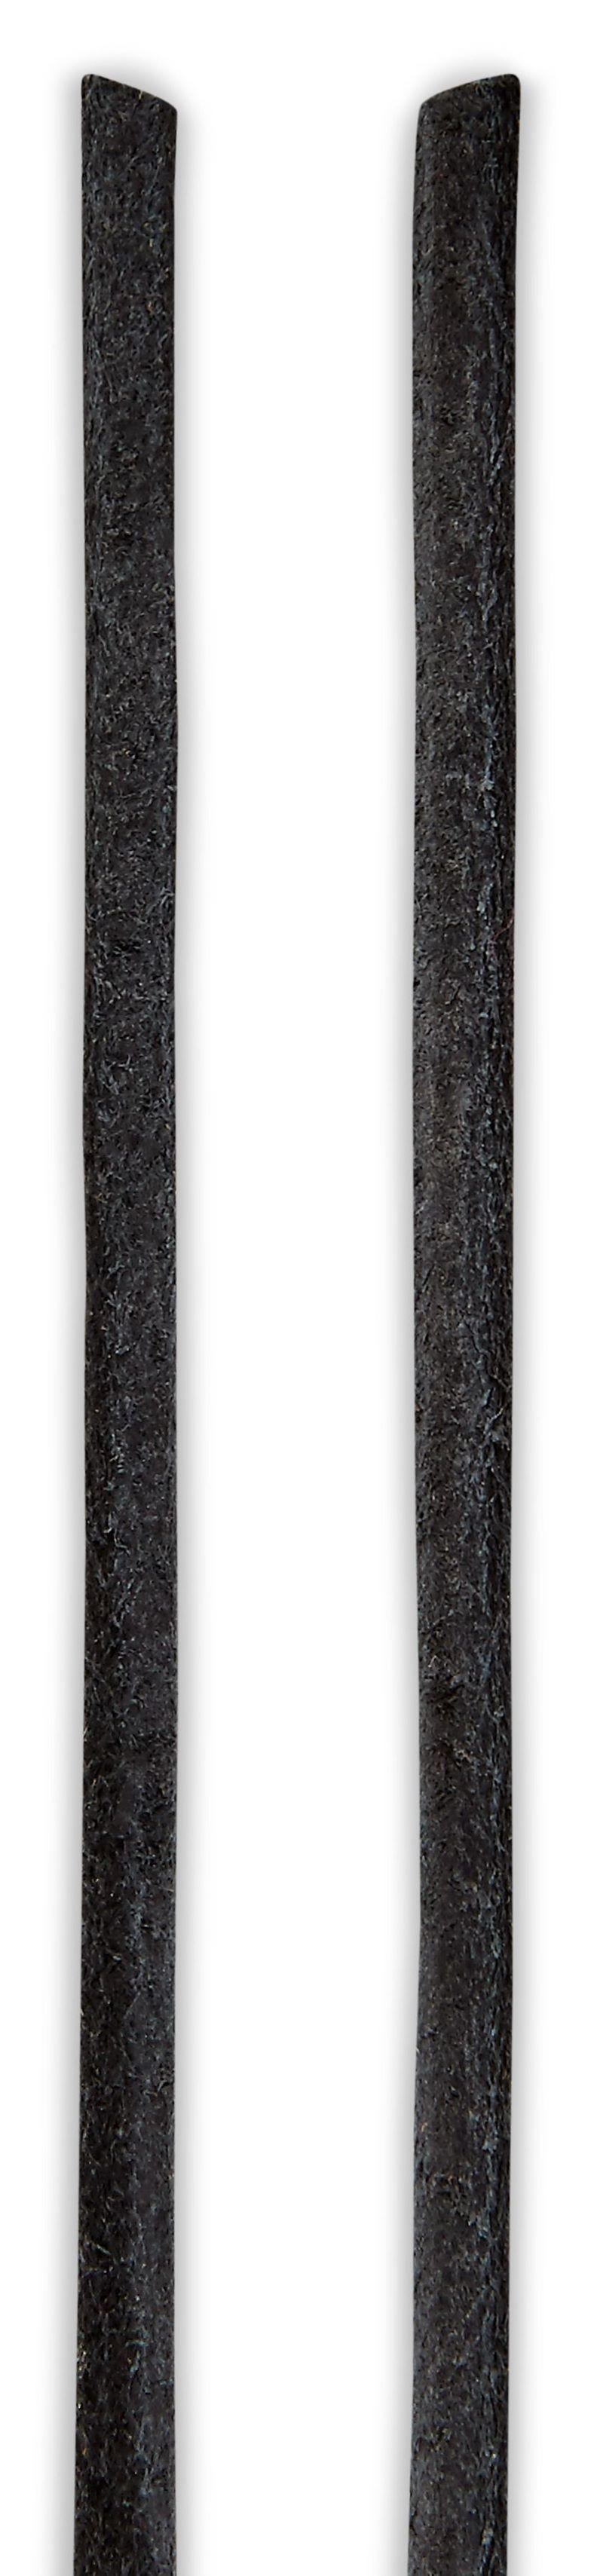 Leather Lace round (Preto)